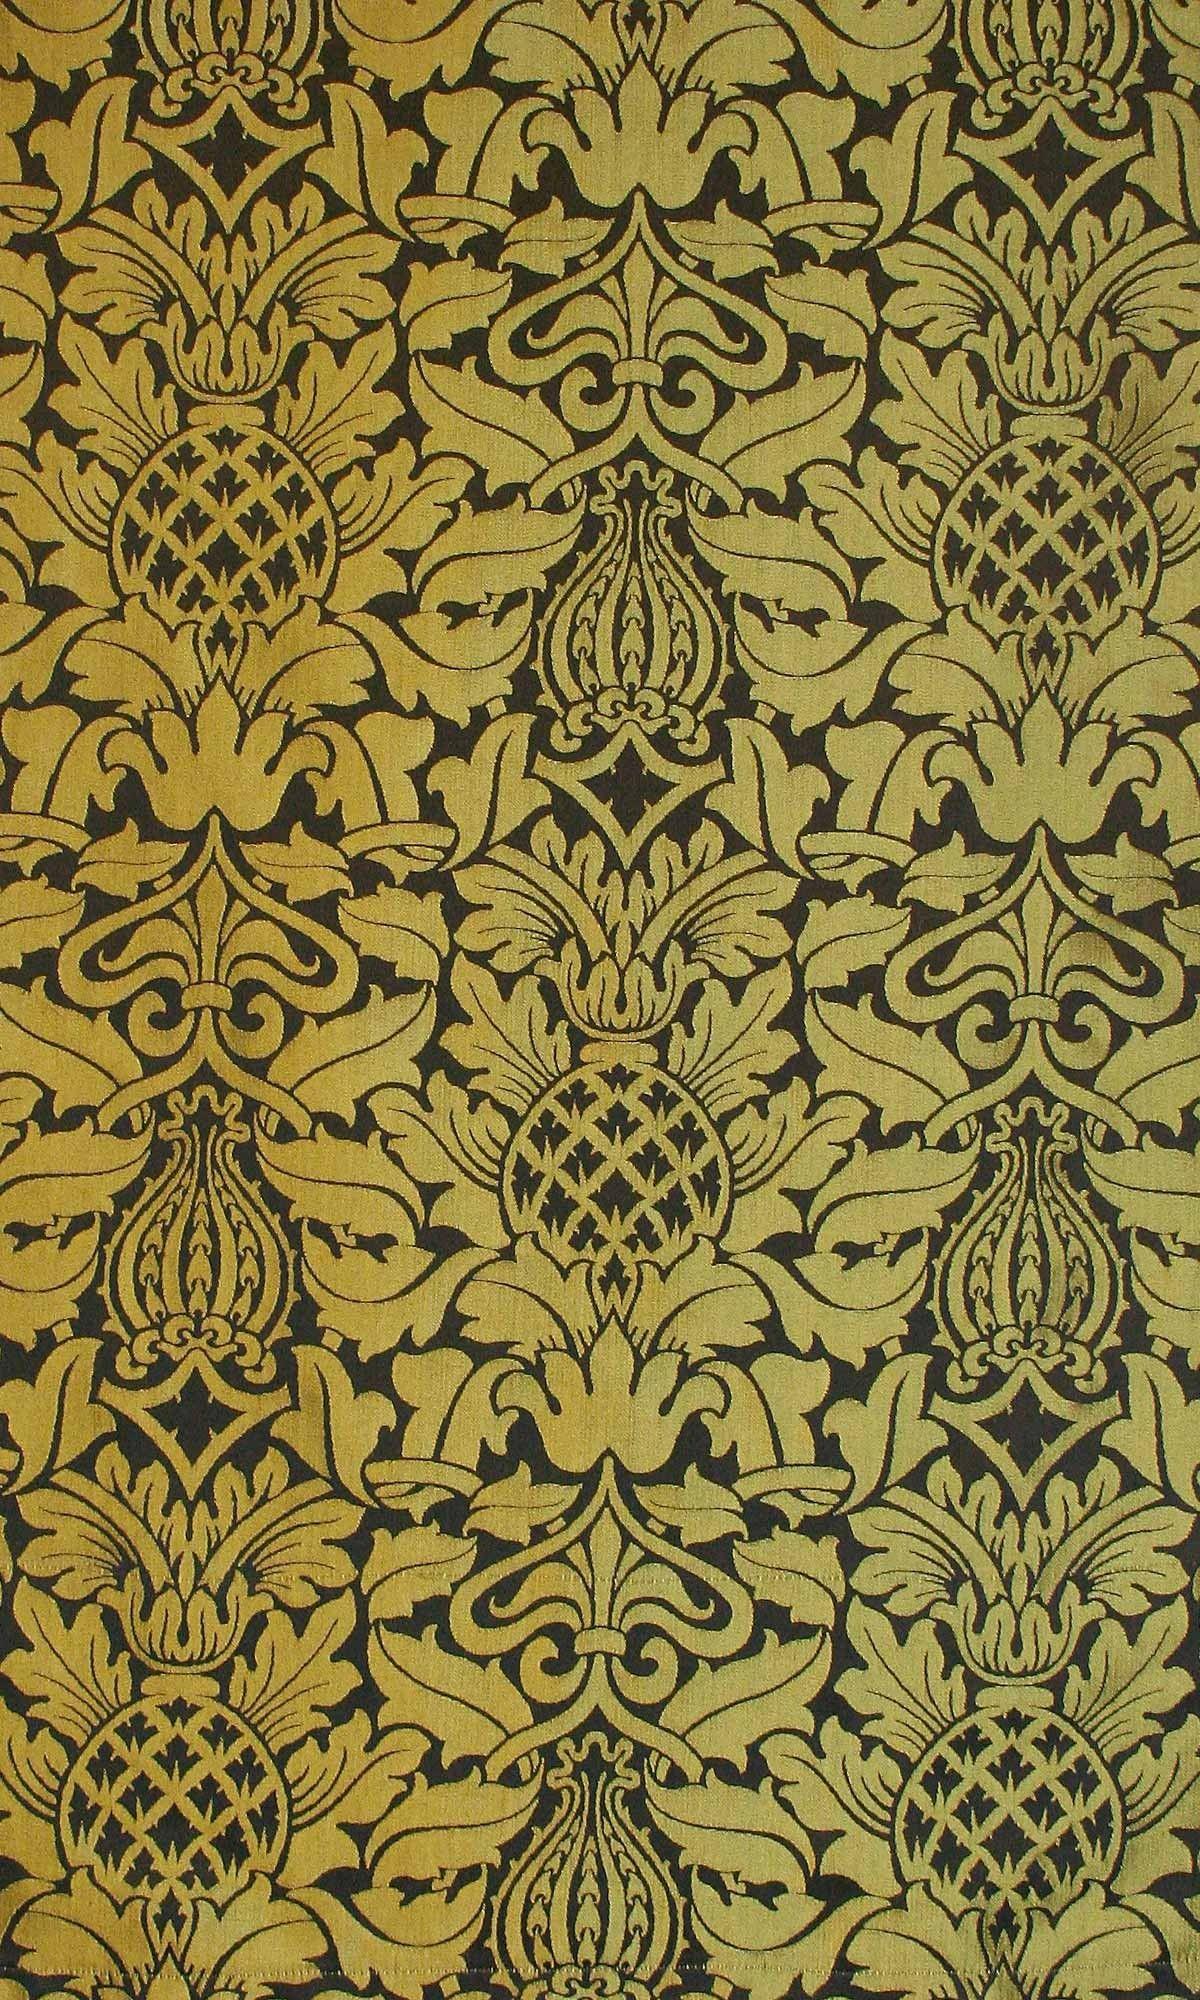 Épinglé par Nicole Kanters sur floral patterns and ornaments